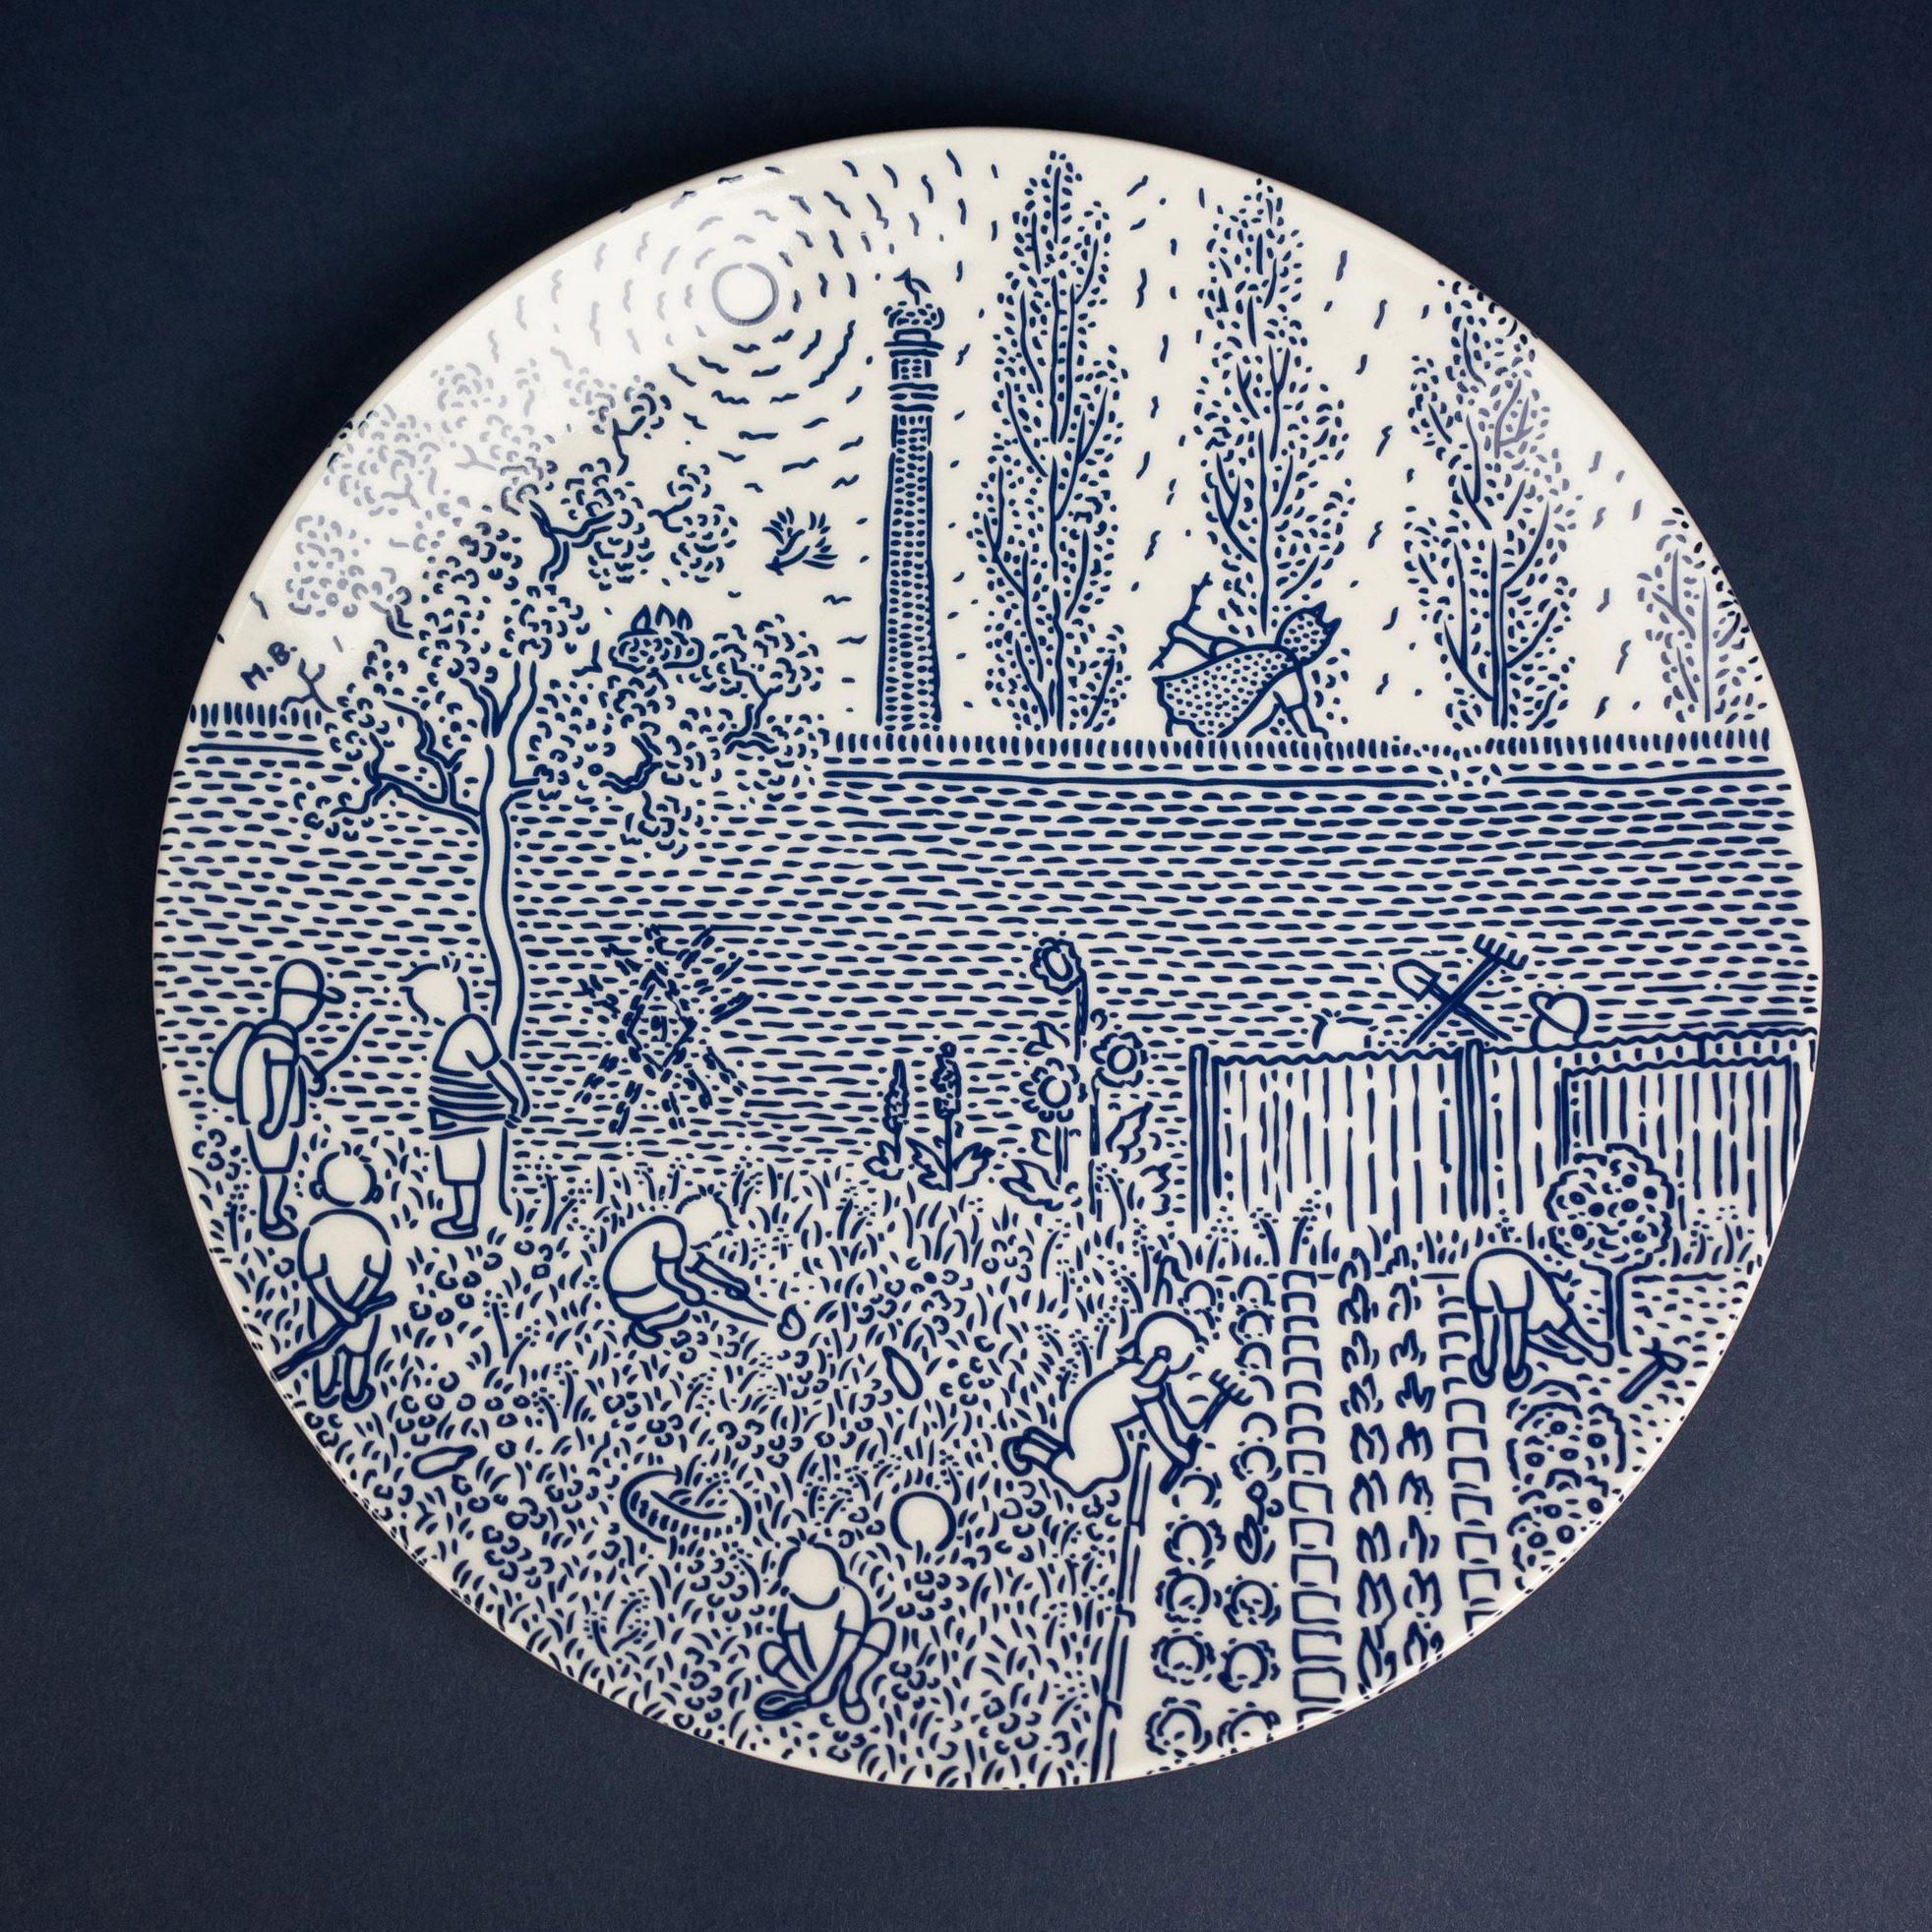 Cobalt porcelain dinner plate by Michal Bacak for Krehky design studio